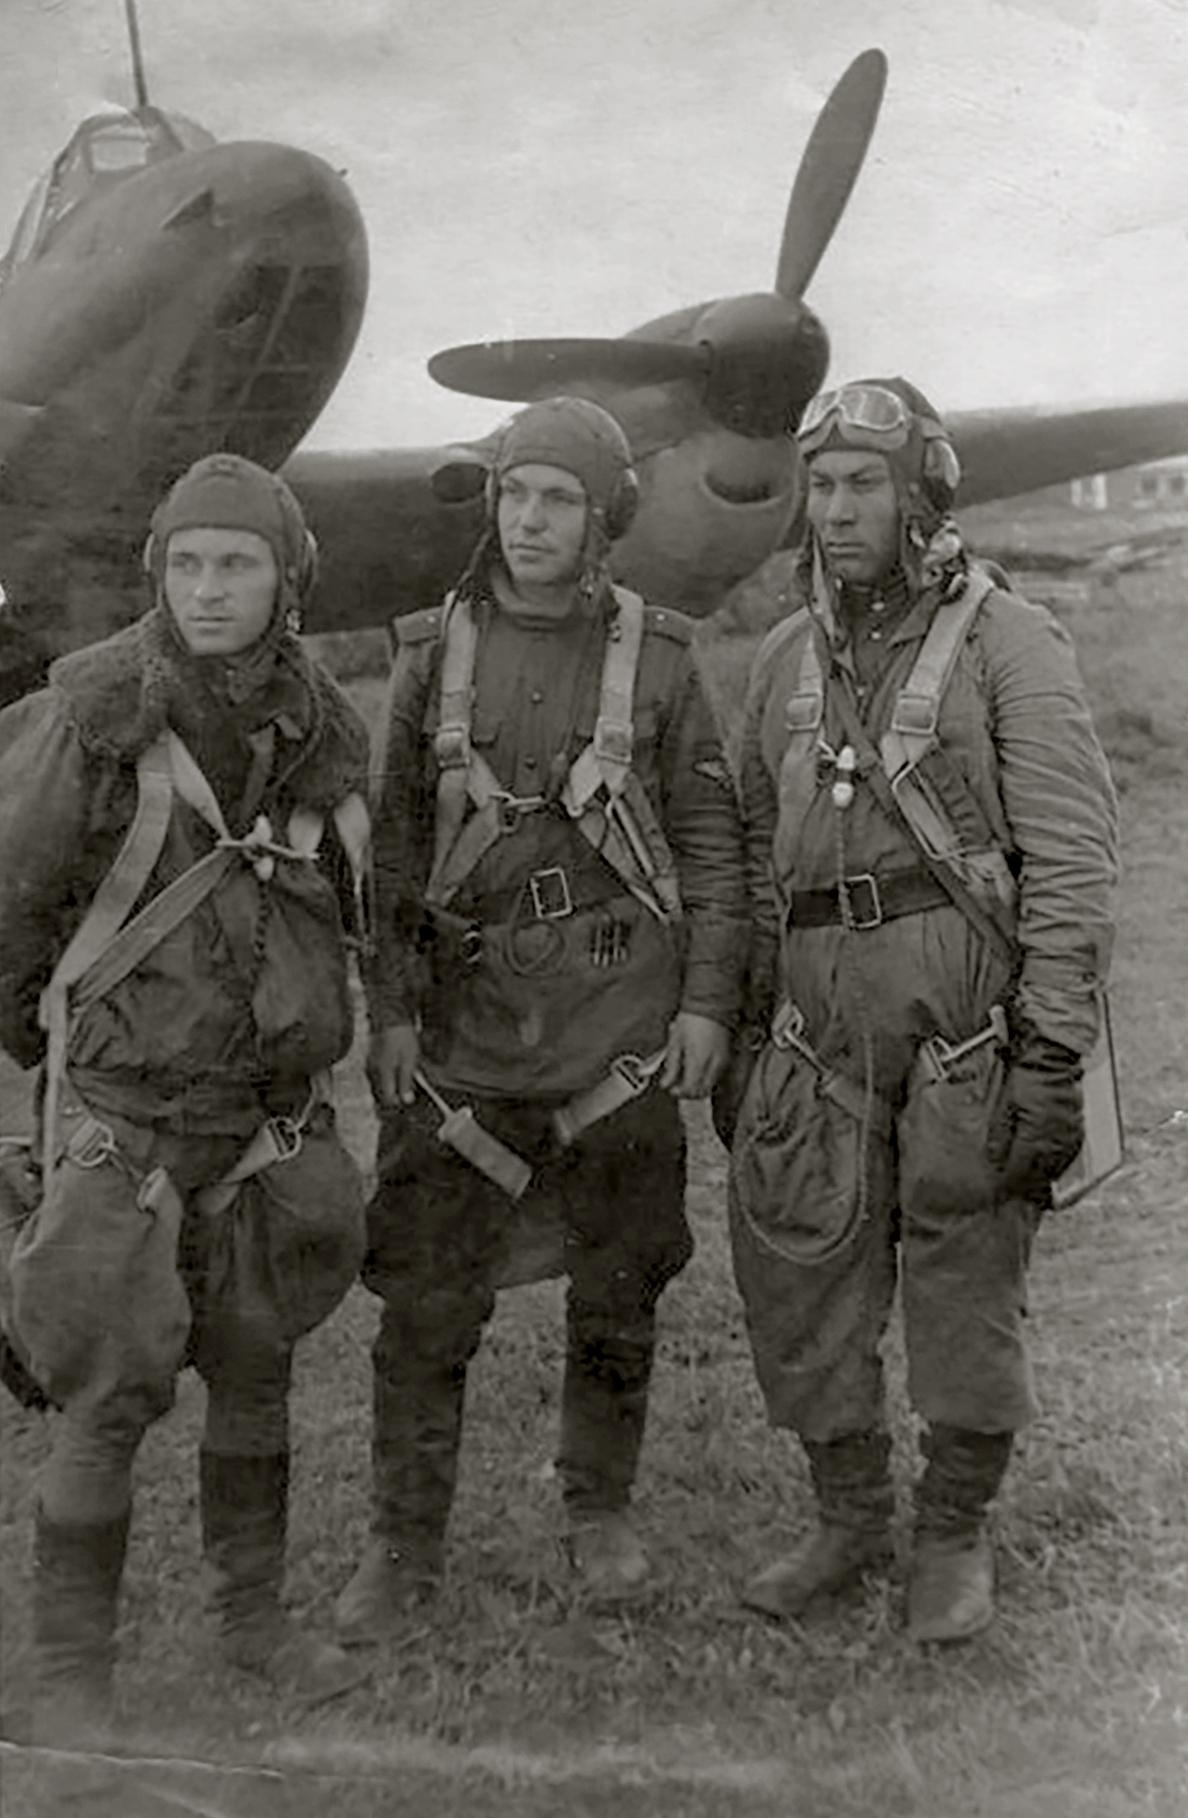 Aircrew Soviet 34GvBAP nav Lt BA Solovyov,JnrLt AV Borisov and RO Sgt SD Pershin 17th Jun 1944 01